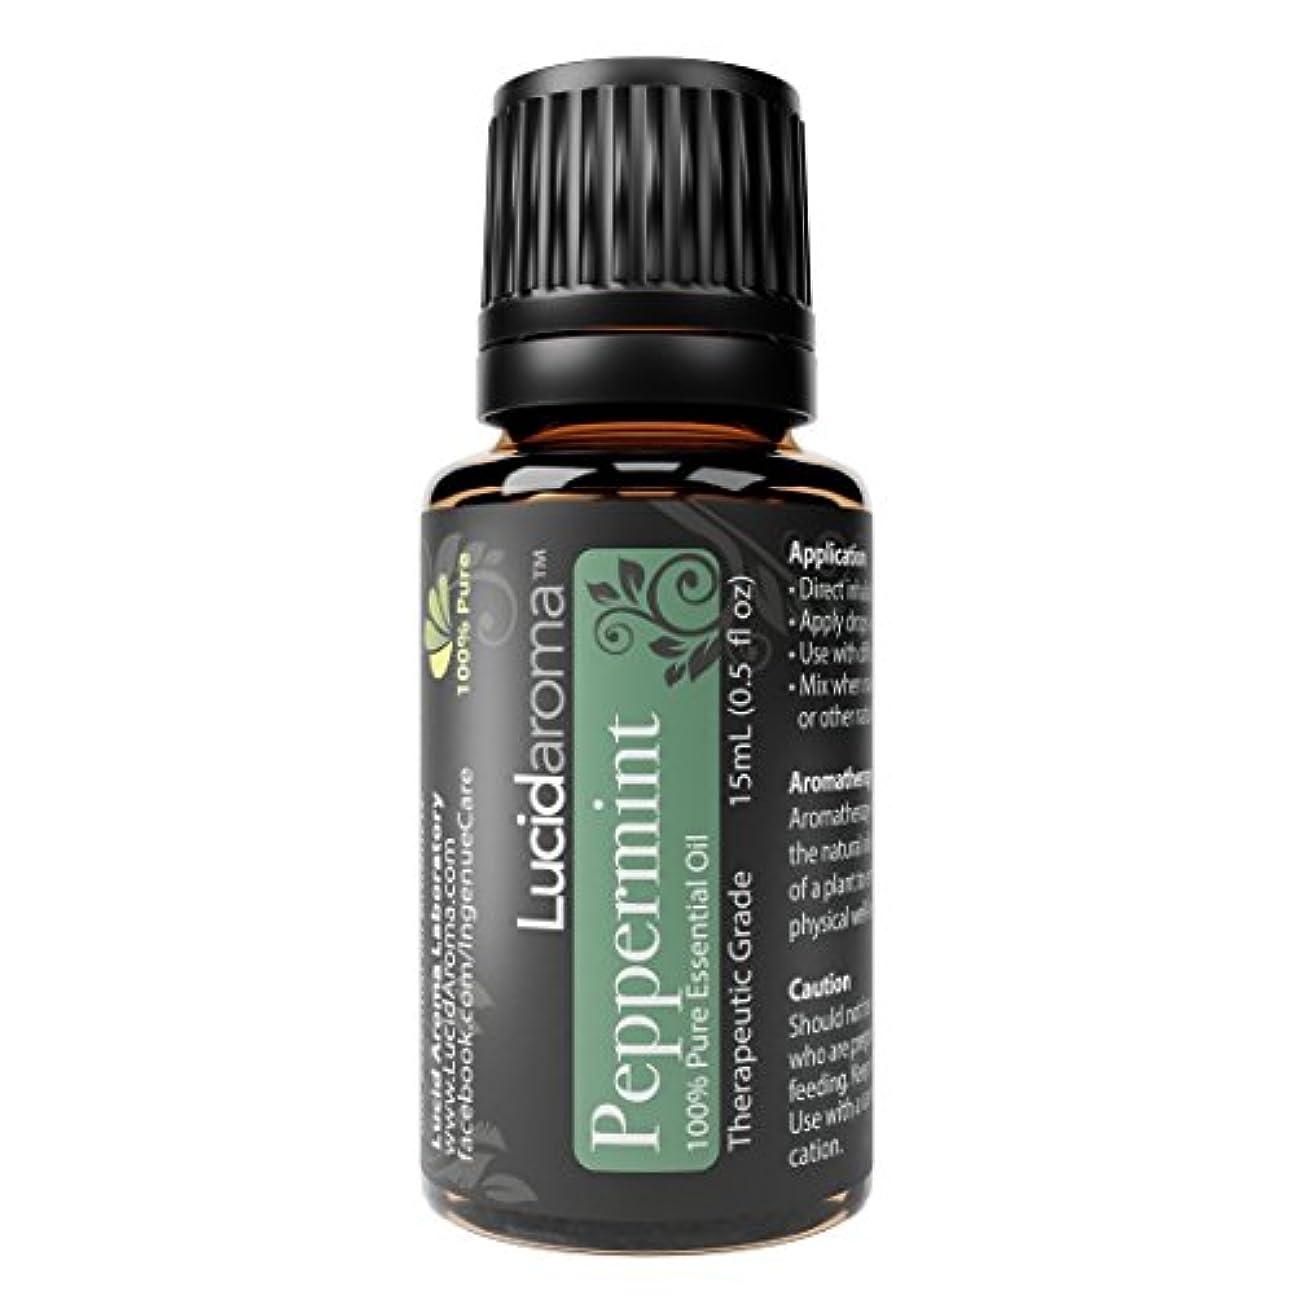 モードポンドプロフィールLucid Aroma Peppermint ペパーミント アロマオイル 15mL 有機アロマオイル オーガニック 100% ピュア エッセンシャルオイル アロマテラピー 清涼感 スッキリ リフレッシュ